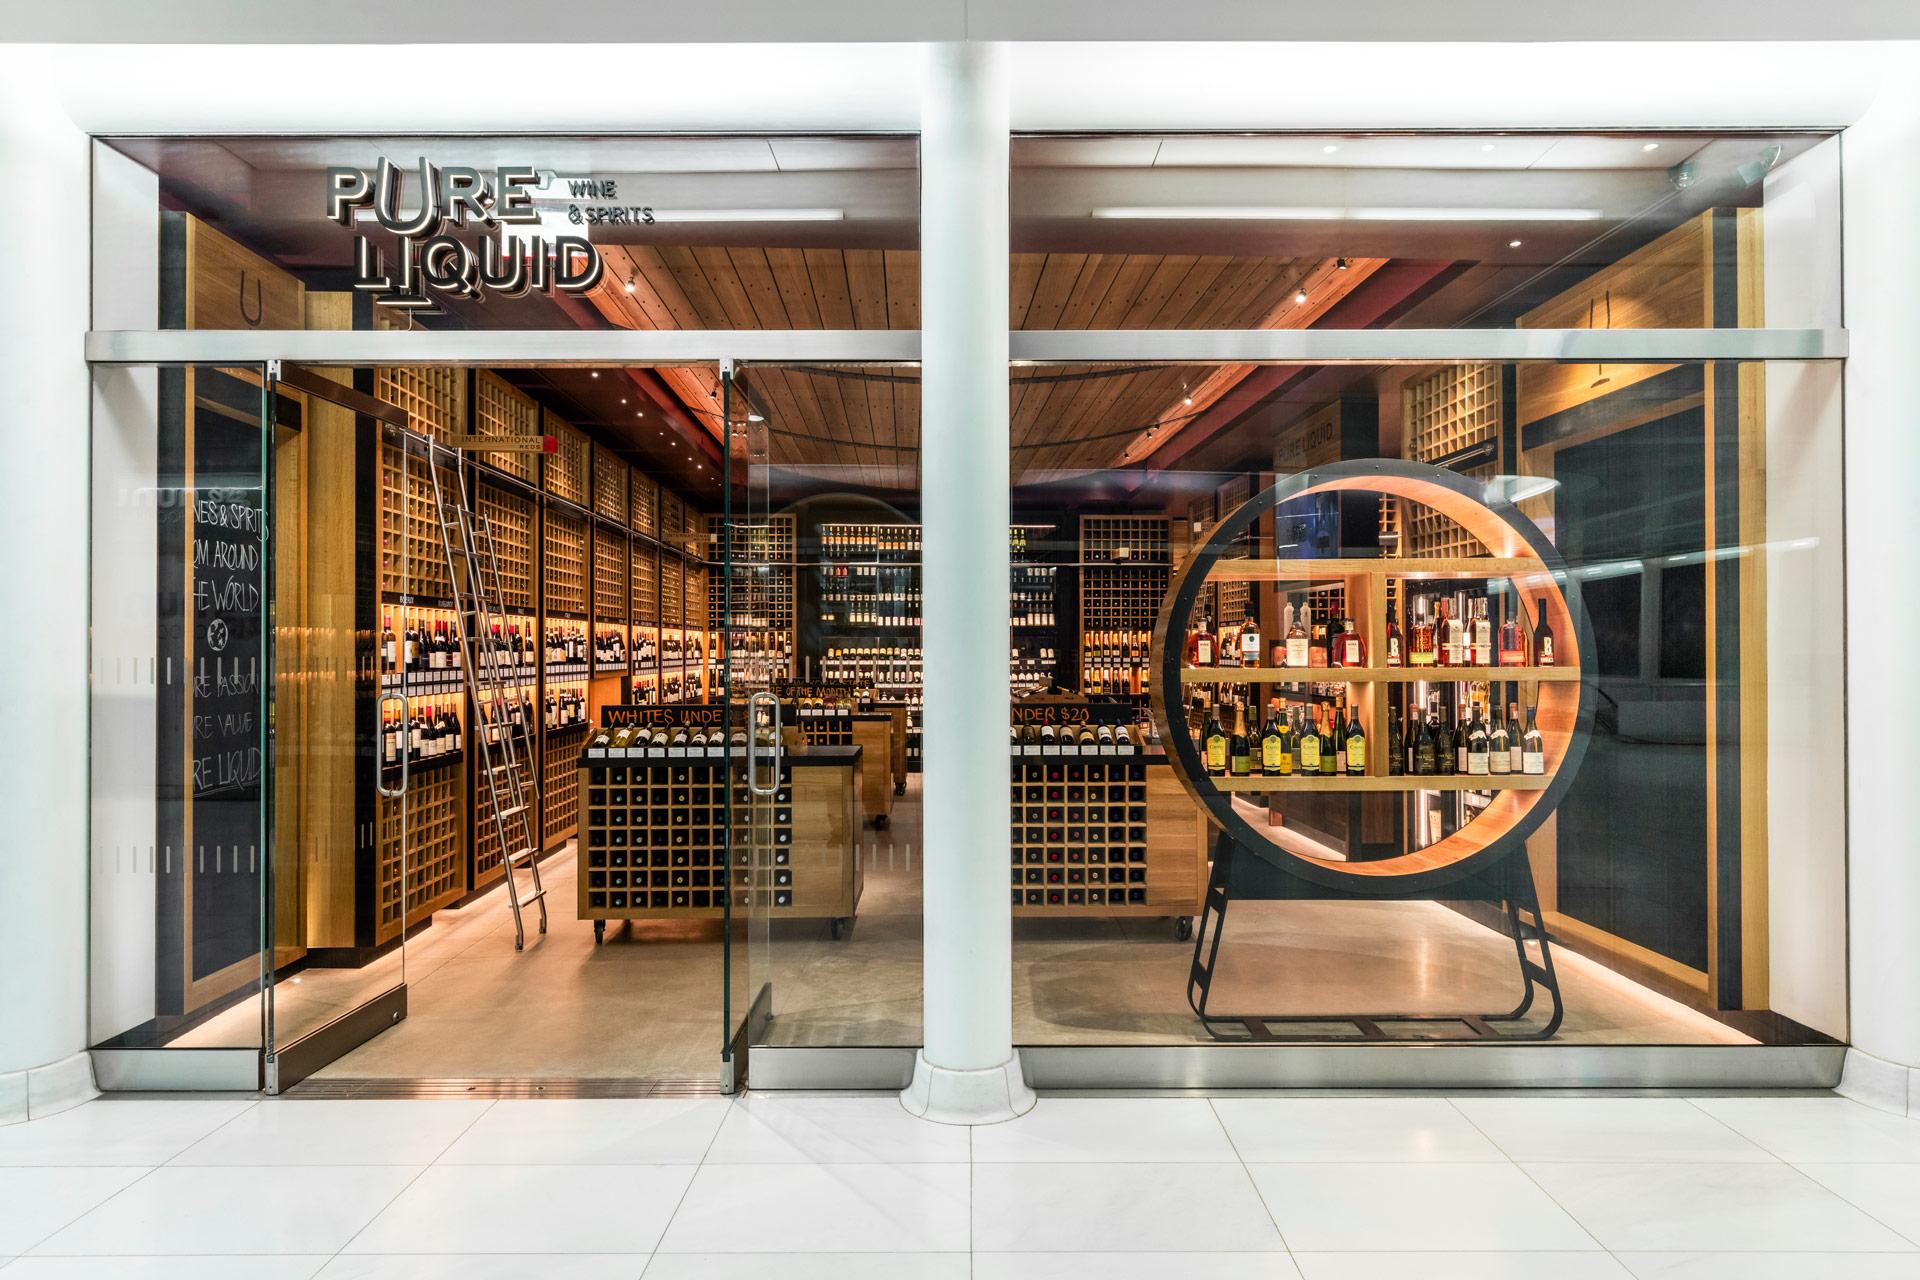 Pure Liquid Wine & Spirits retail store